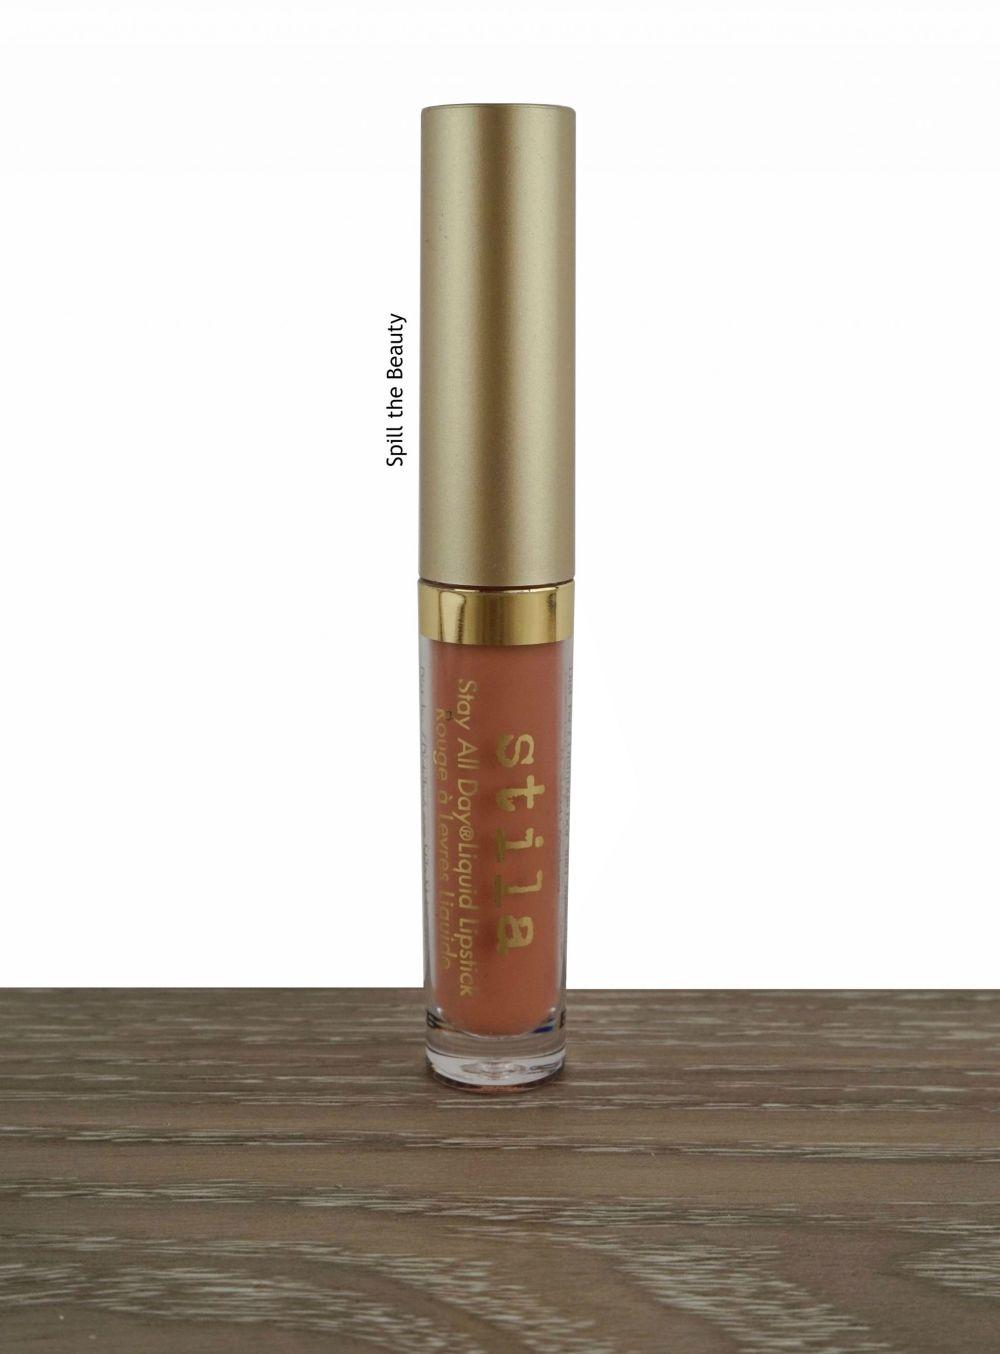 stila stay all day liquid lipstick swatch comparison dupe